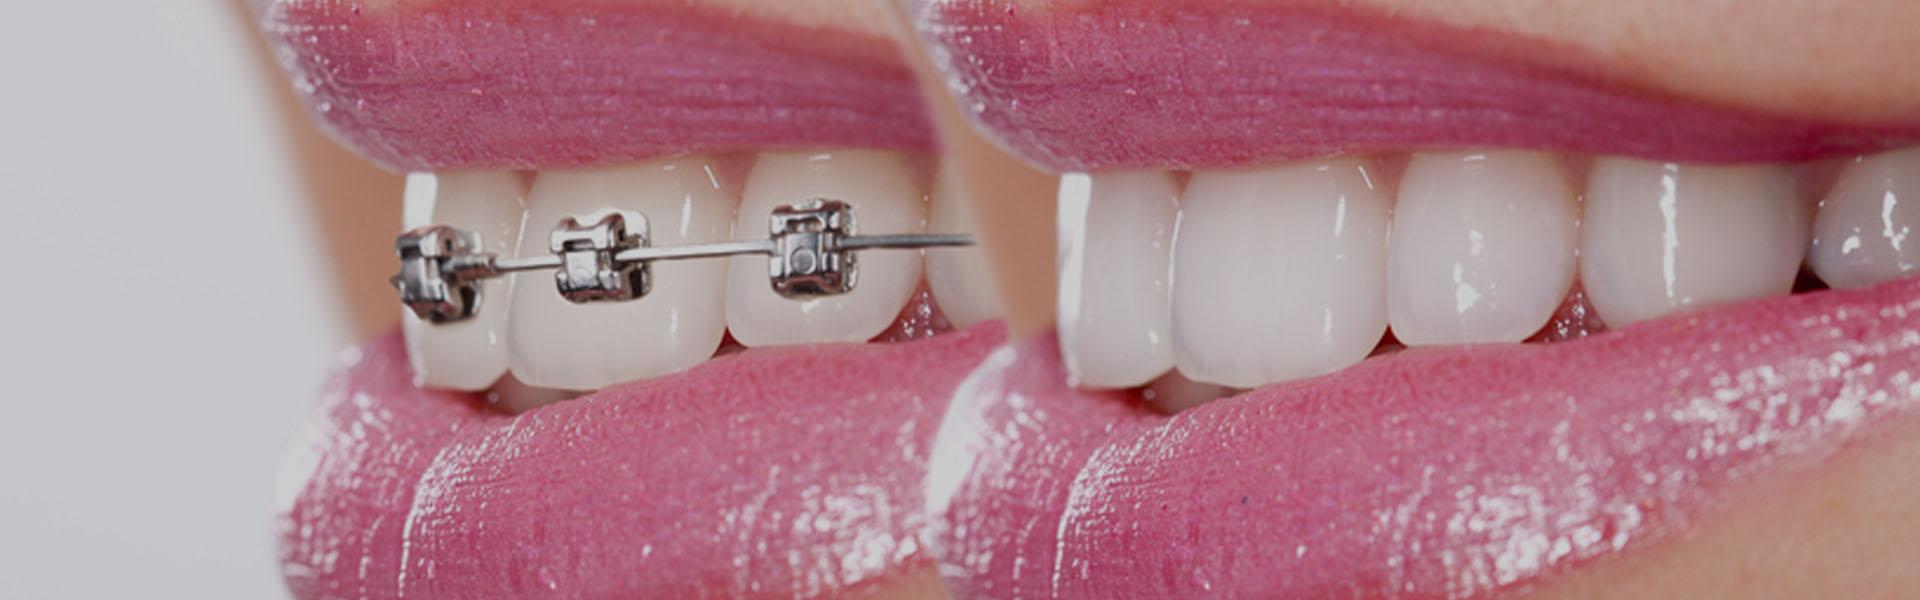 gabinet dentystyczny rzeszow